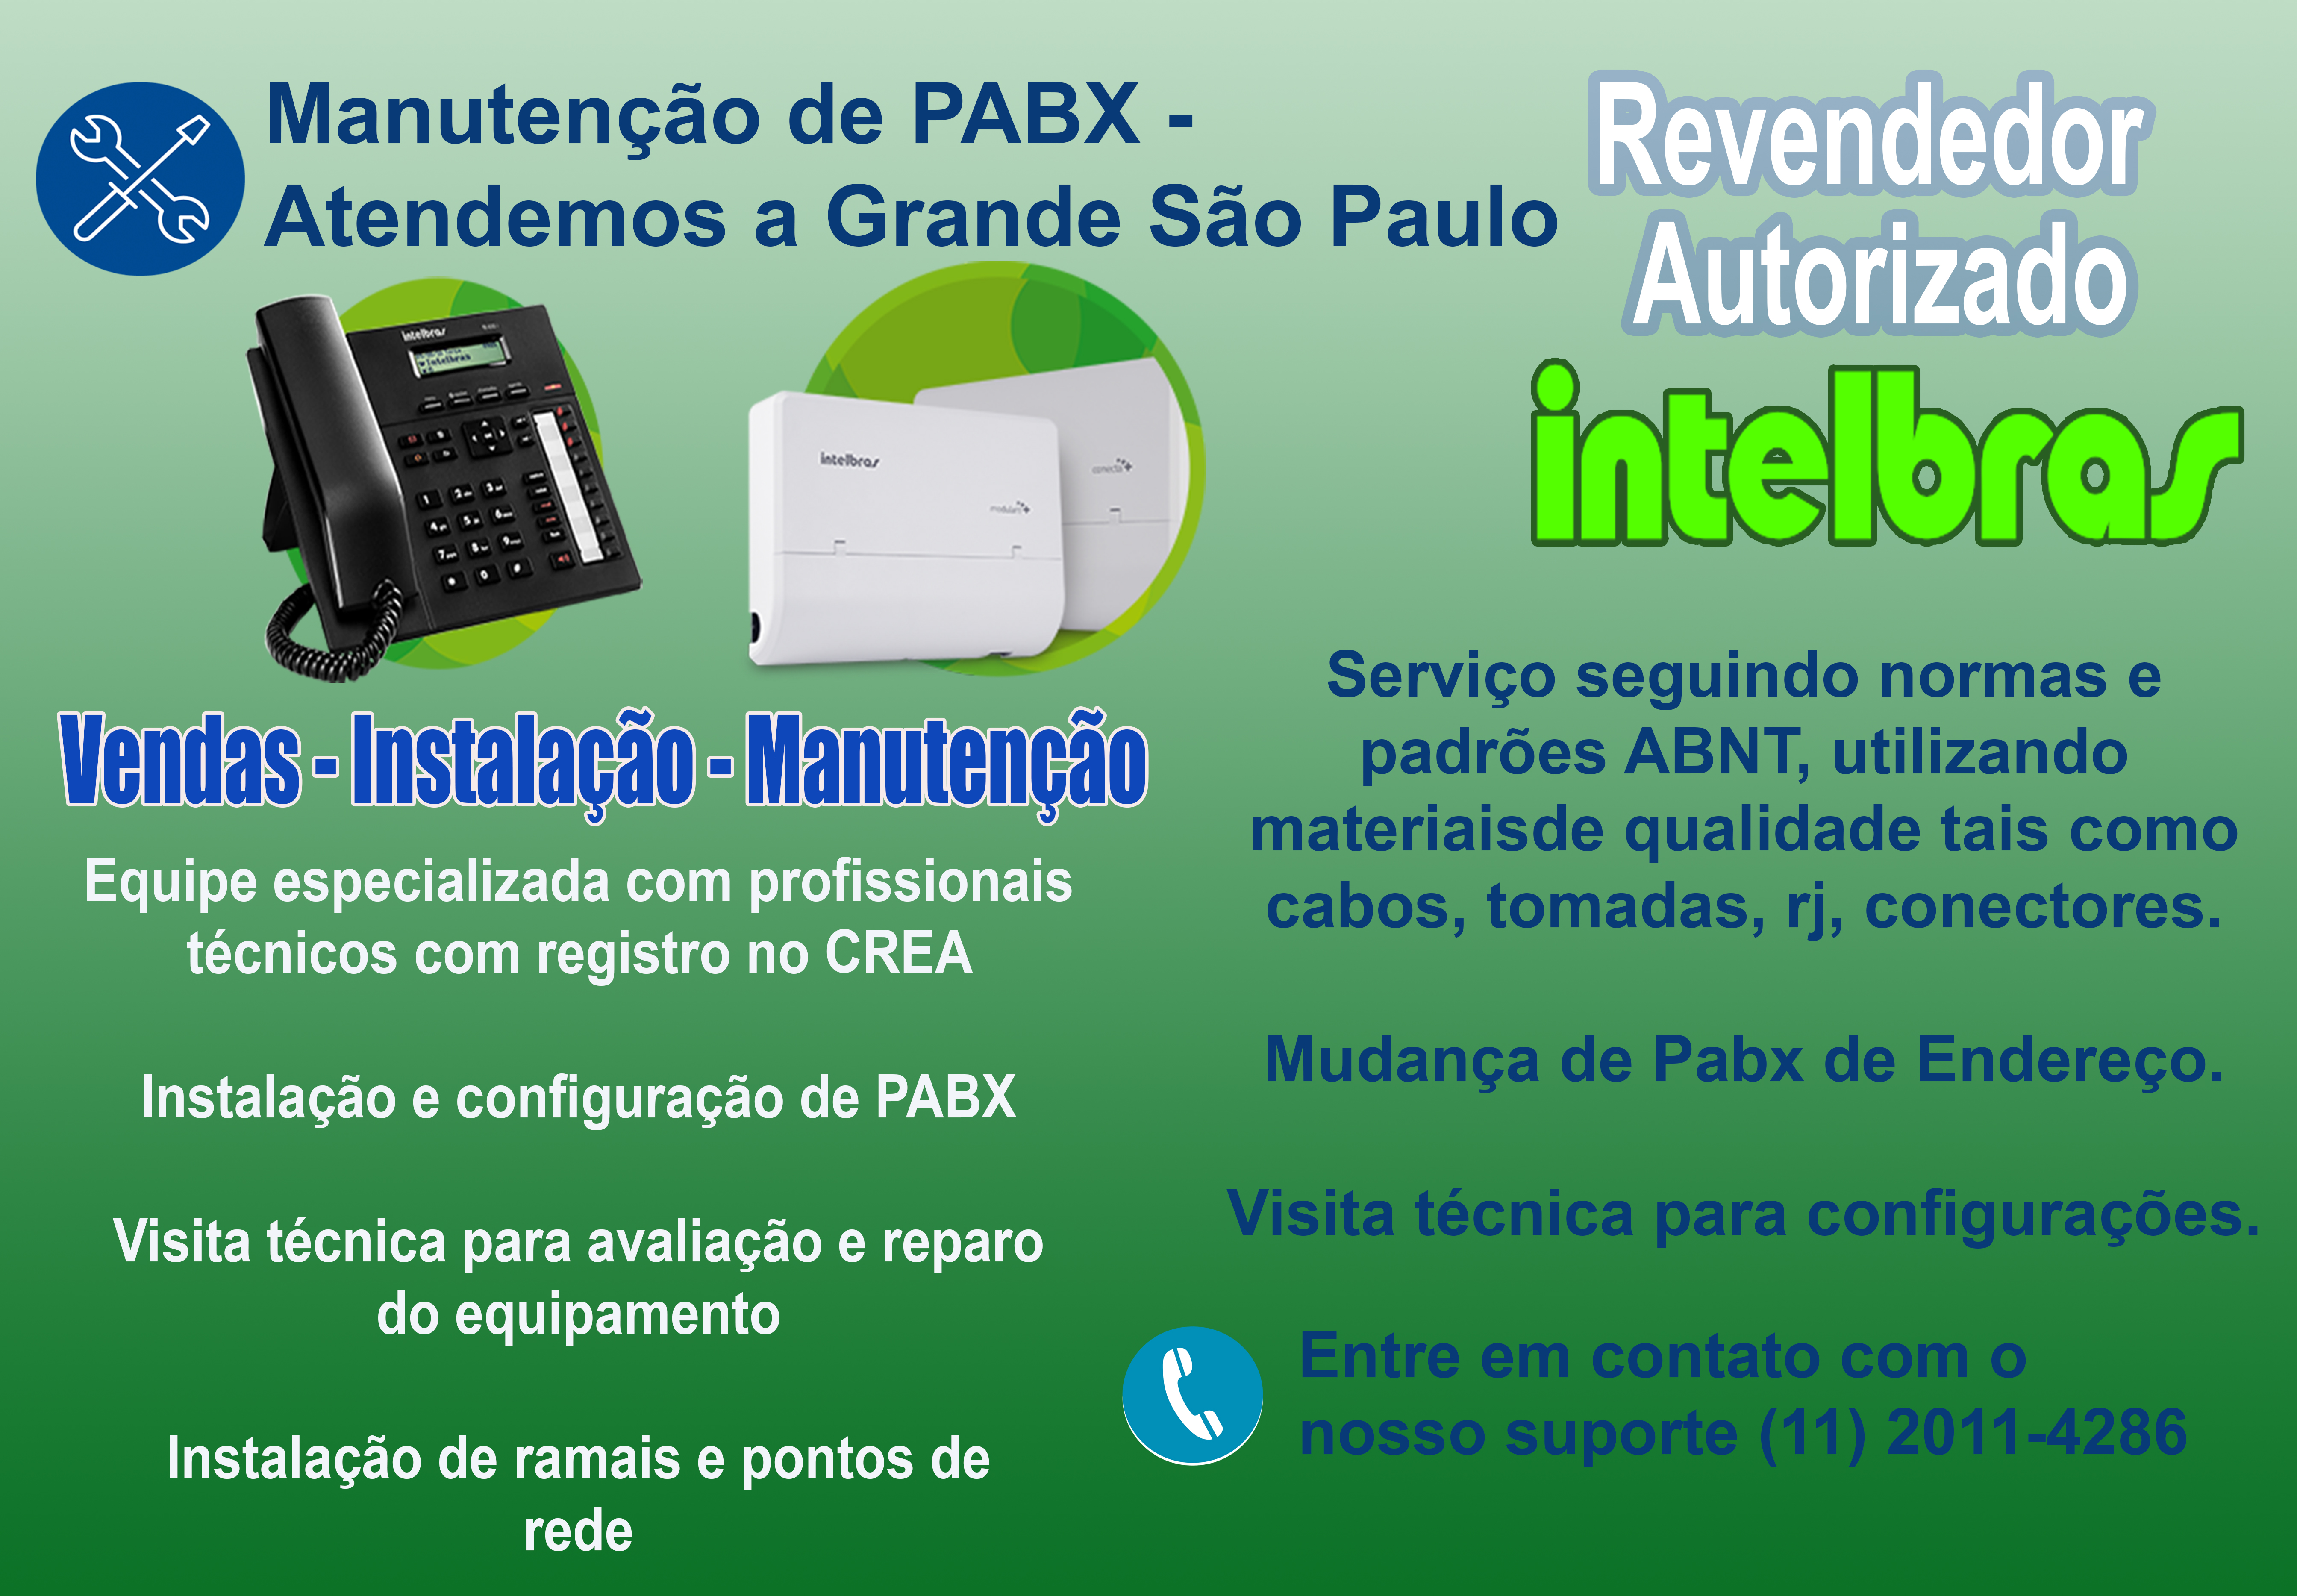 Manutenção de PABX em Gua